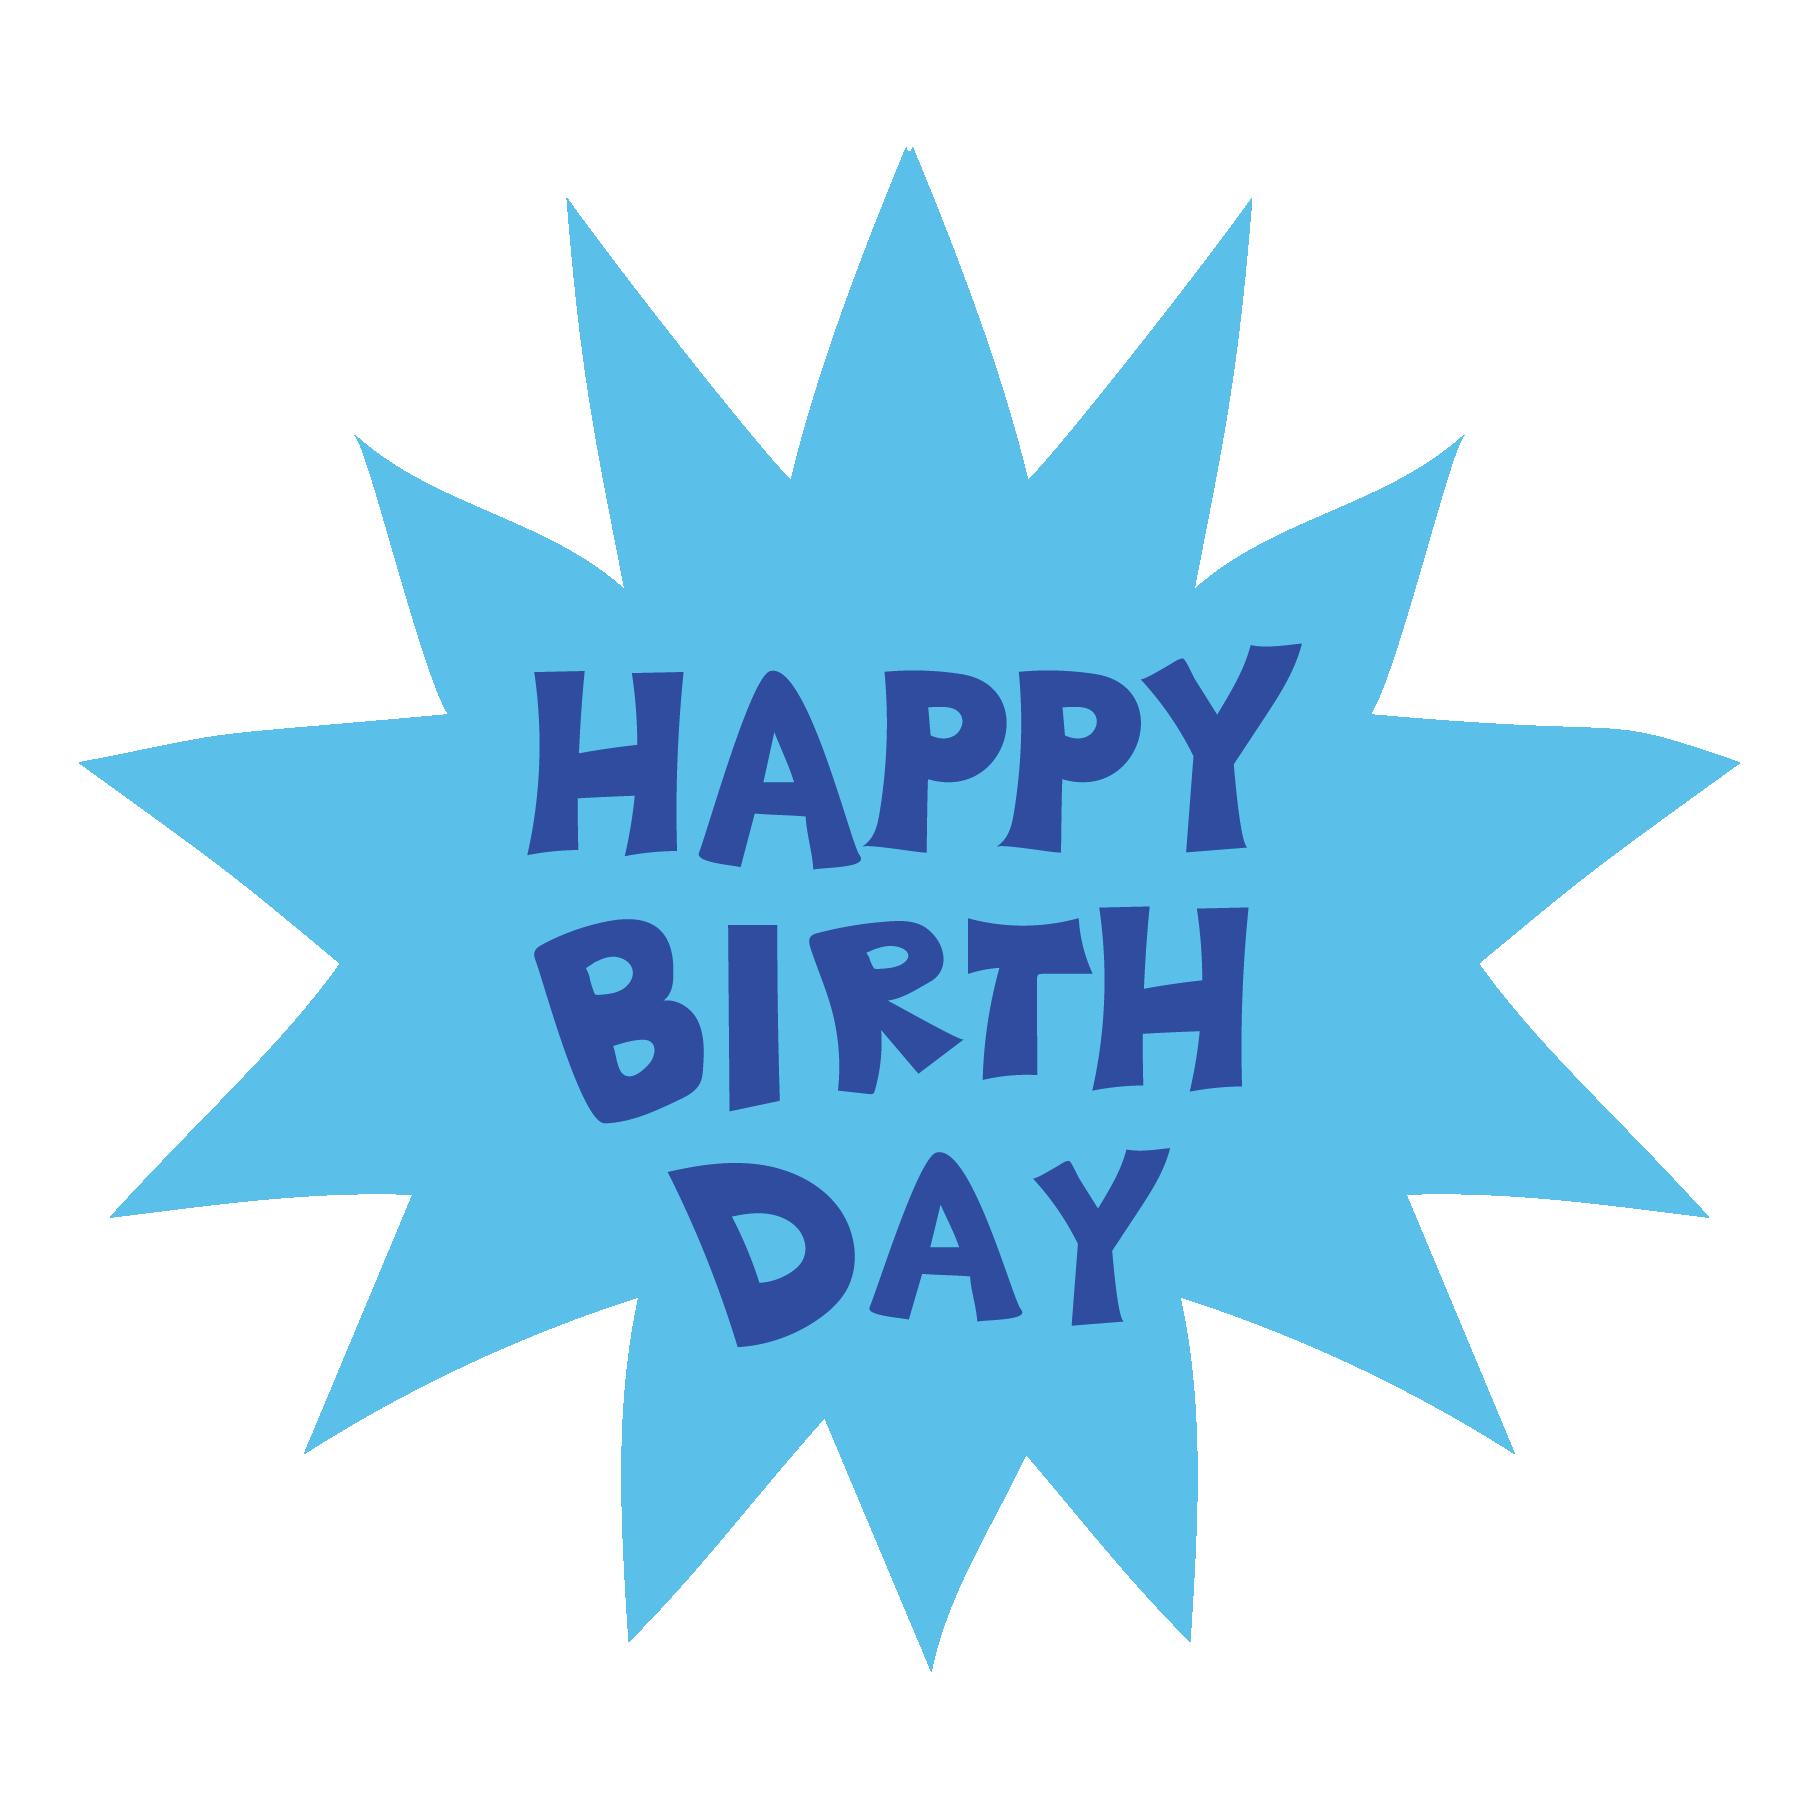 誕生日】happy birth dayのロゴ文字イラスト ブルー | 商用フリー(無料